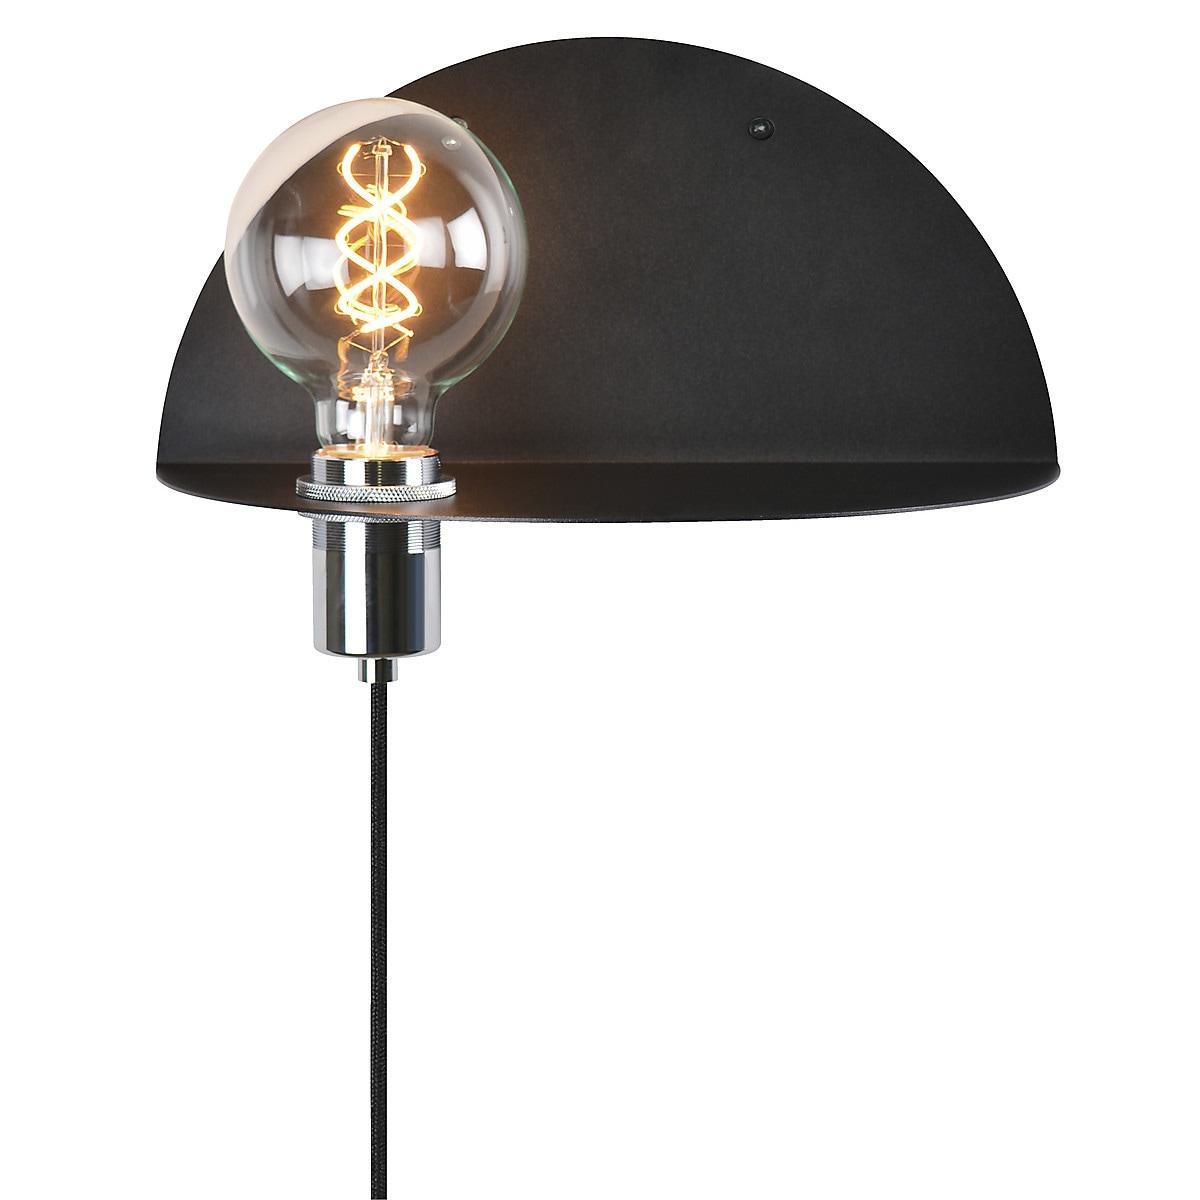 Vägglampa Walldorf Globen Lighting